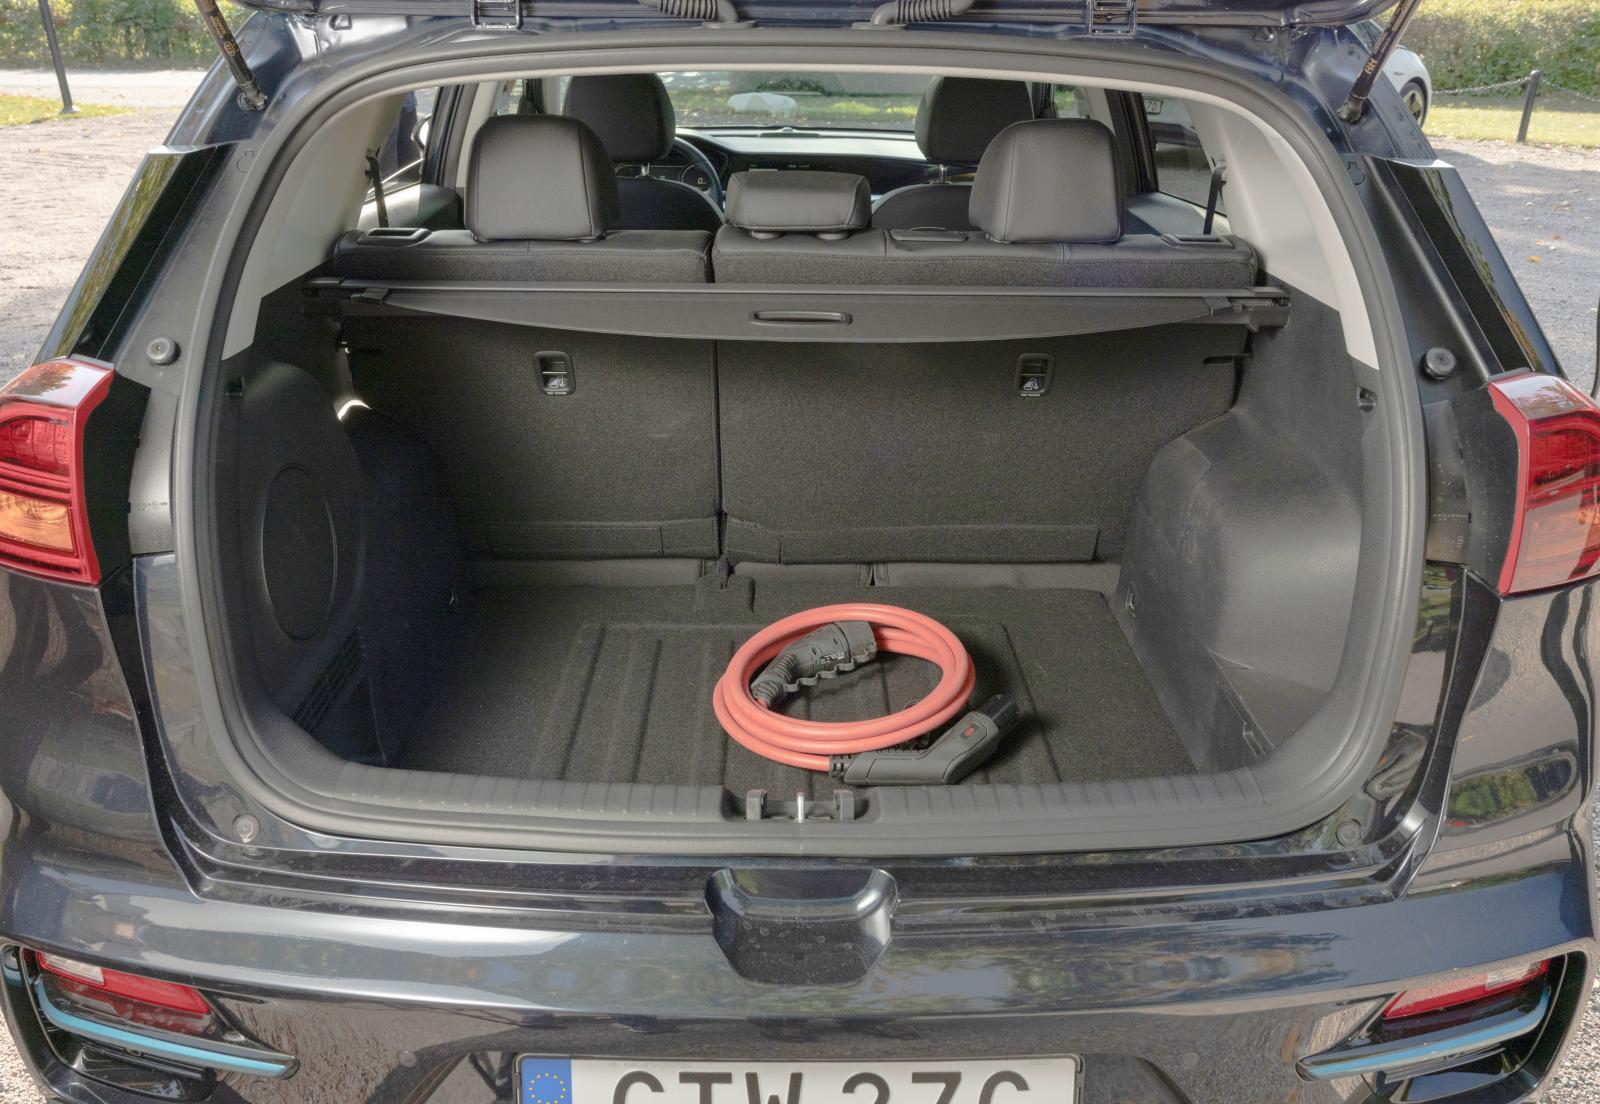 Med baksätet uppfällt erbjuder e-Niro det största bagageutrymmet, med baksätet nedfällt blir det inte riktigt lika rymligt som i Hyundai. Öppningen är bred och ståhöjden rejäl under luckan. Genomlastningslucka saknas.